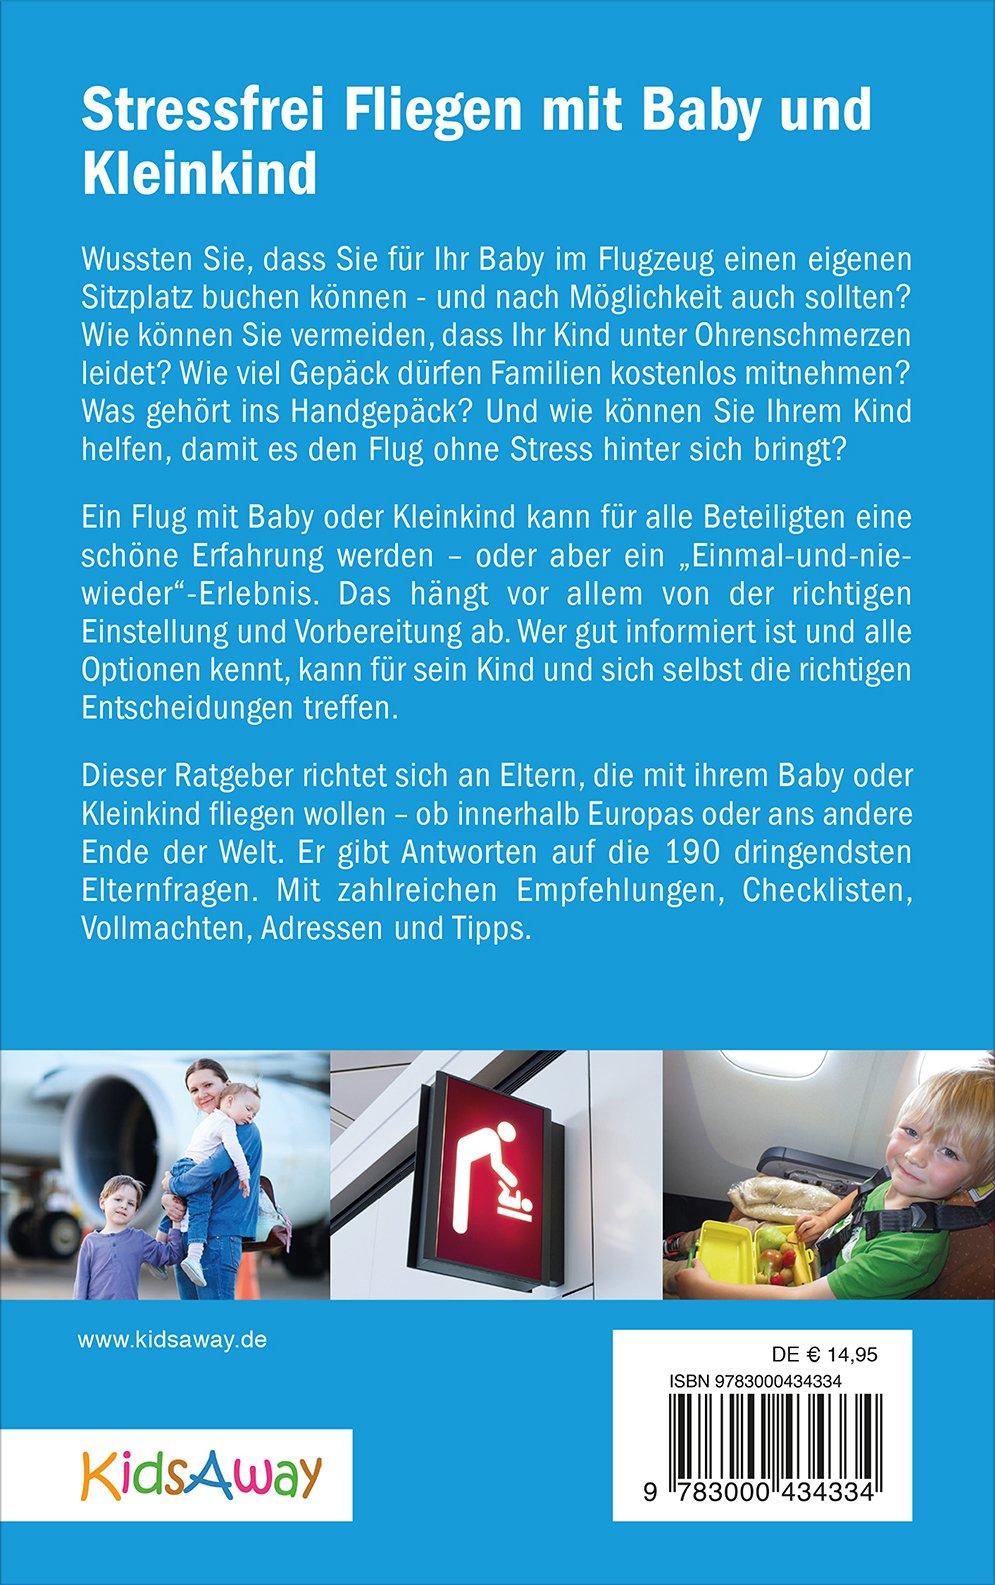 Stressfrei Fliegen mit Baby und Kleinkind © KidsAway.de